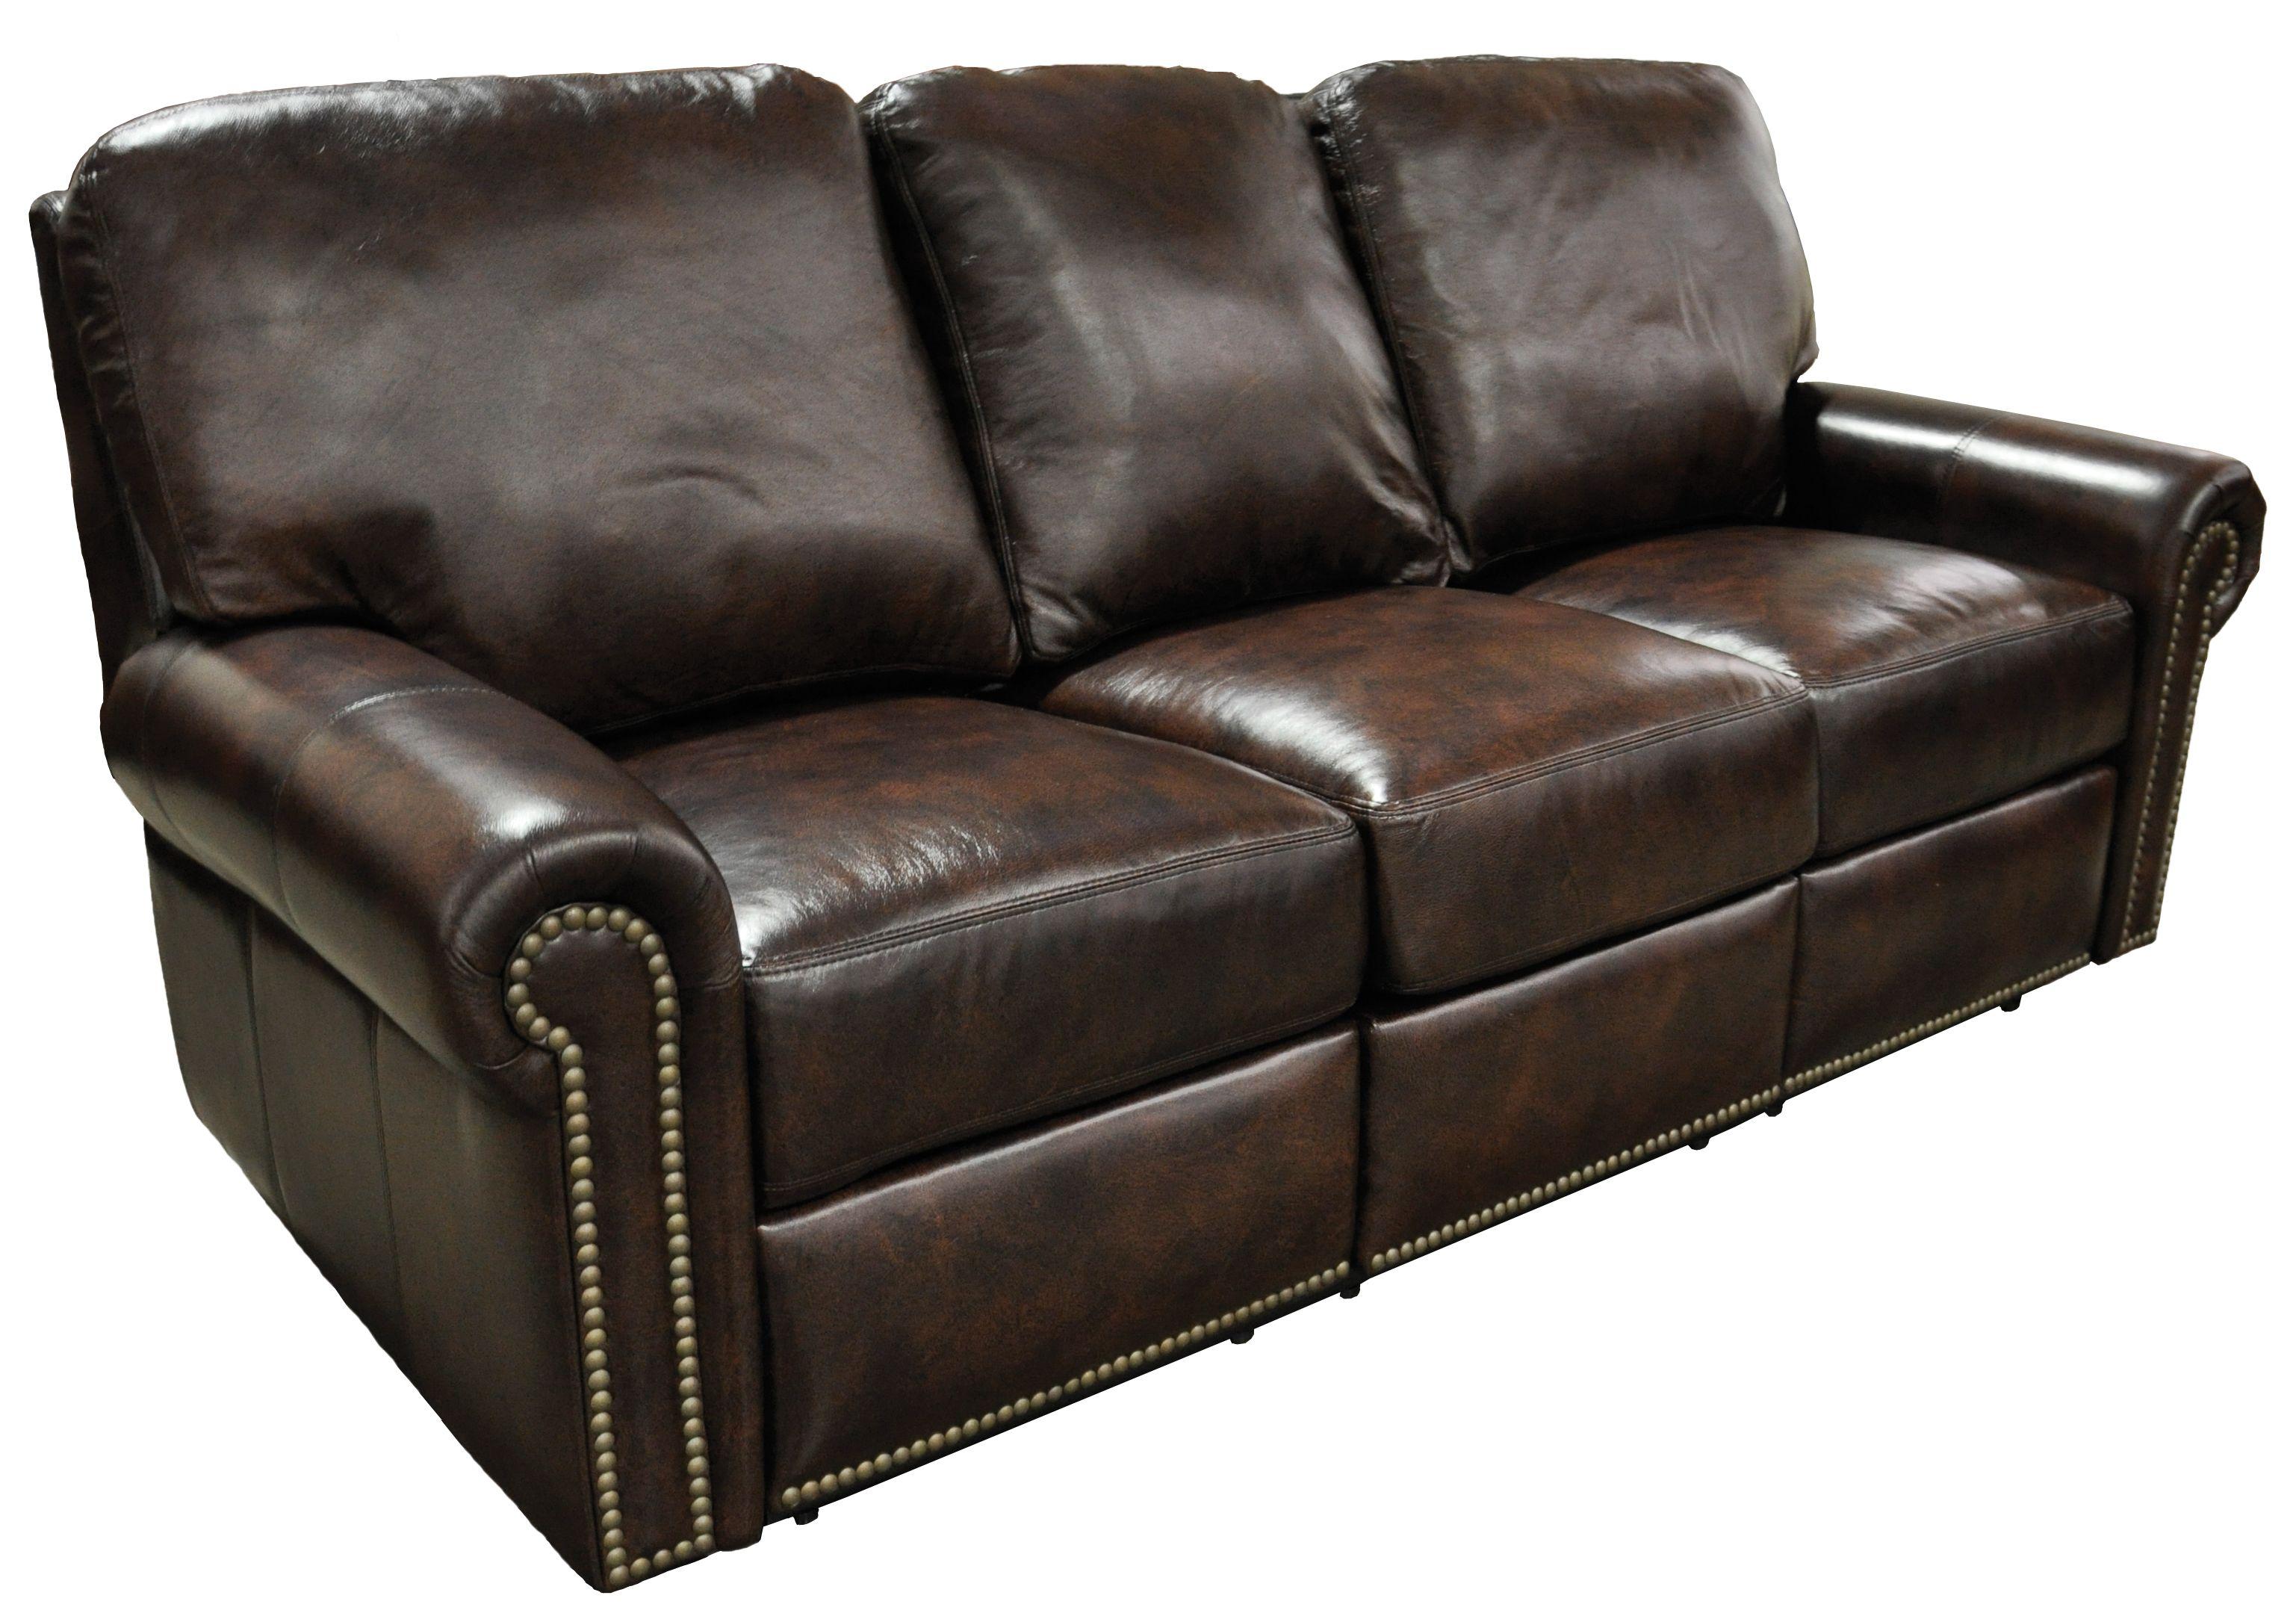 Verstellbare Leder Stuhl   Verstellbare Leder Stuhl : Stellen Sie Eine  Einladende Atmosphäre Mit Neue Verstellbare